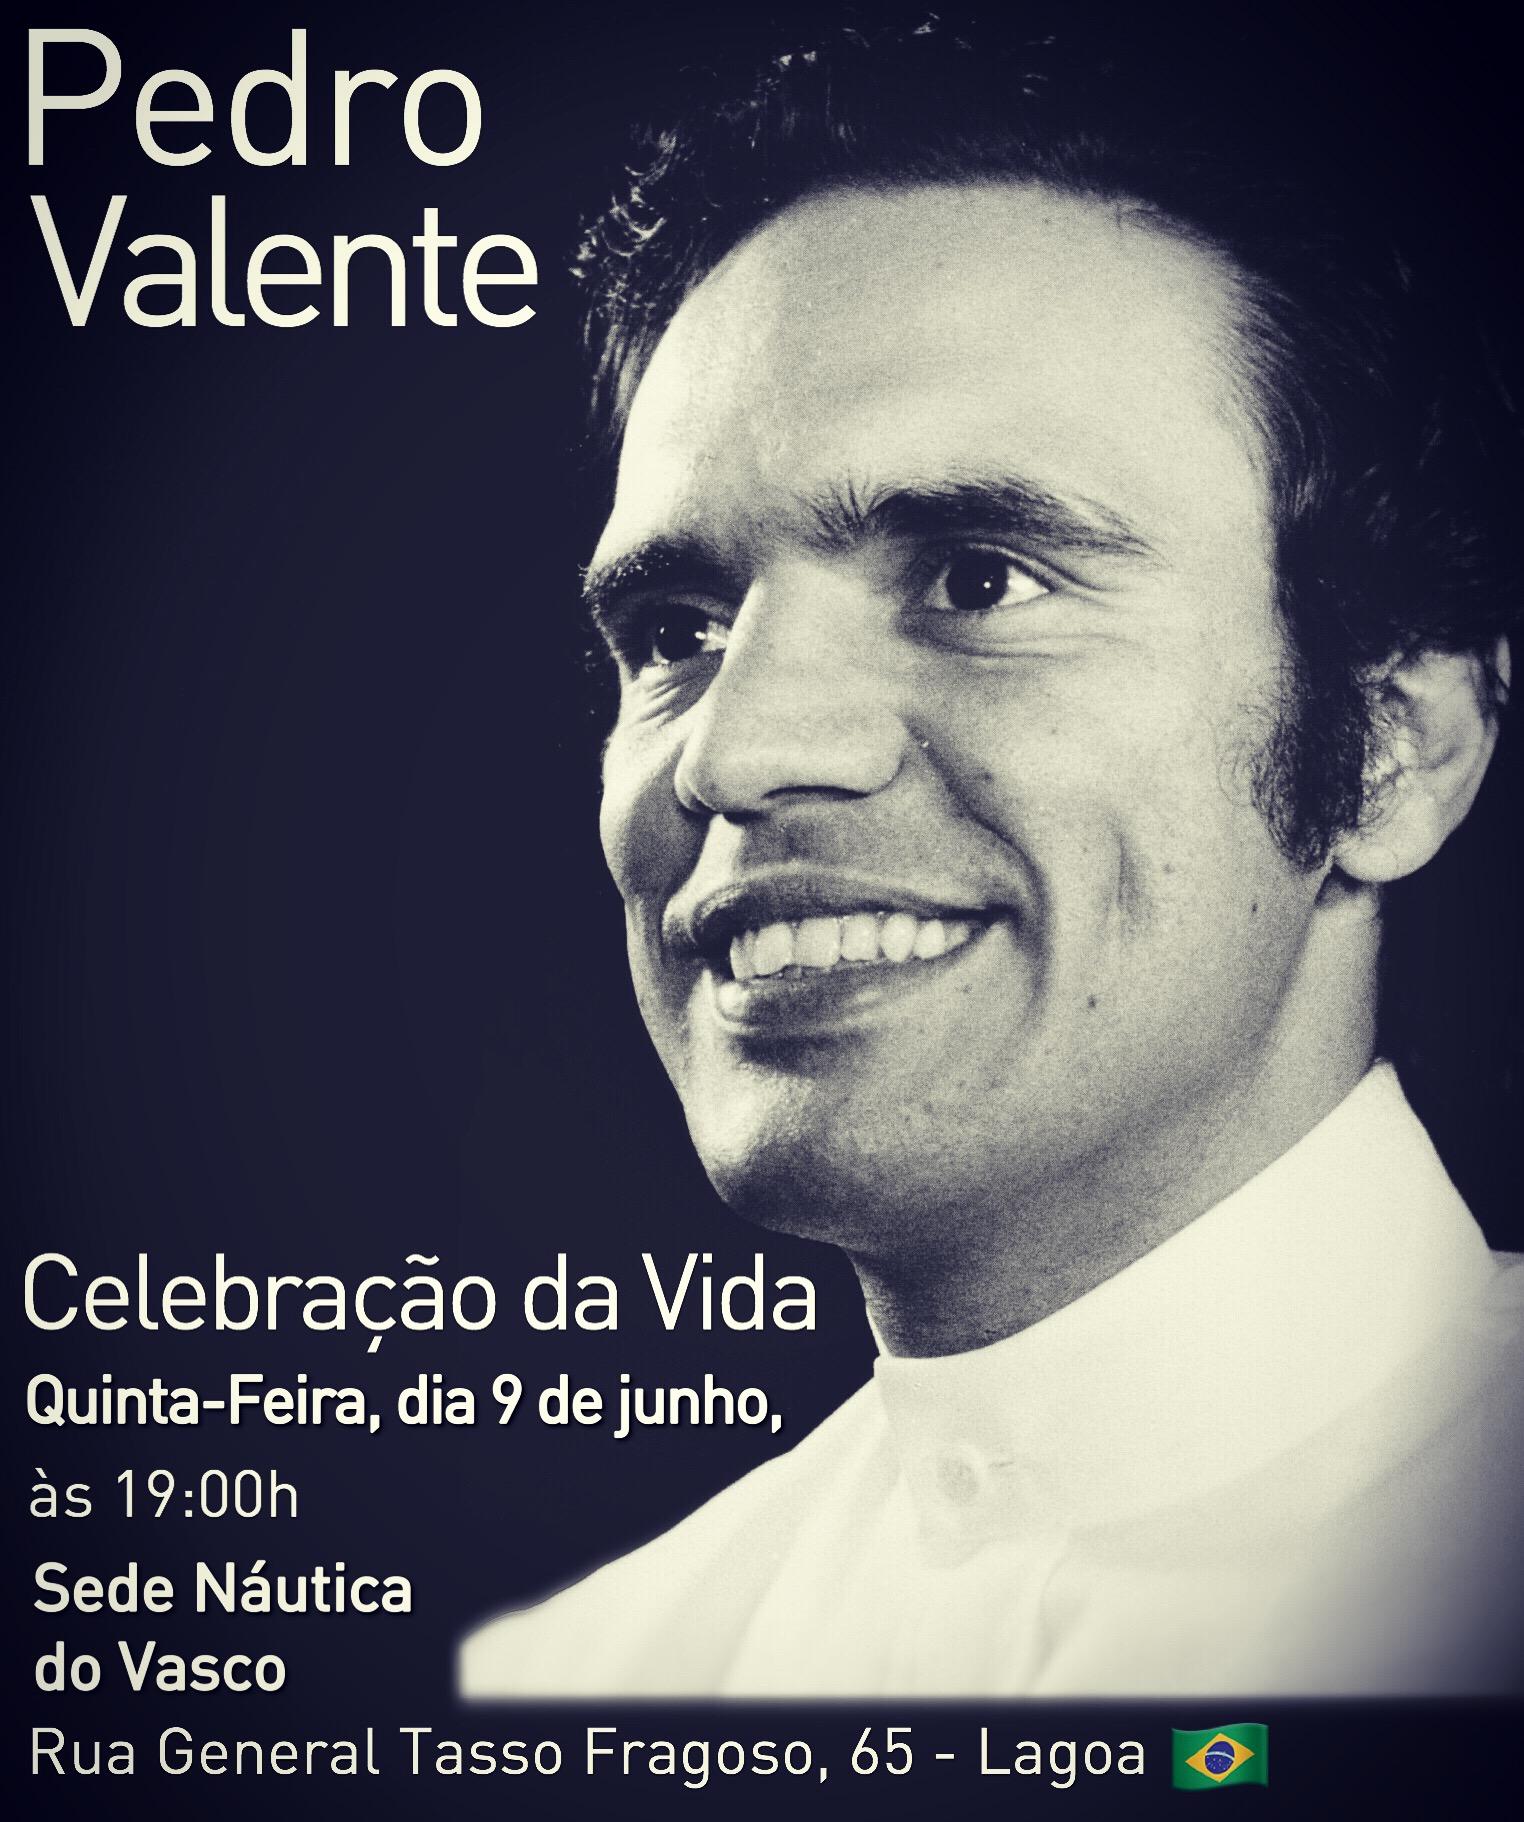 Grande mestre Pedro Valente nos deixou no dia 28 de junho de 2016.